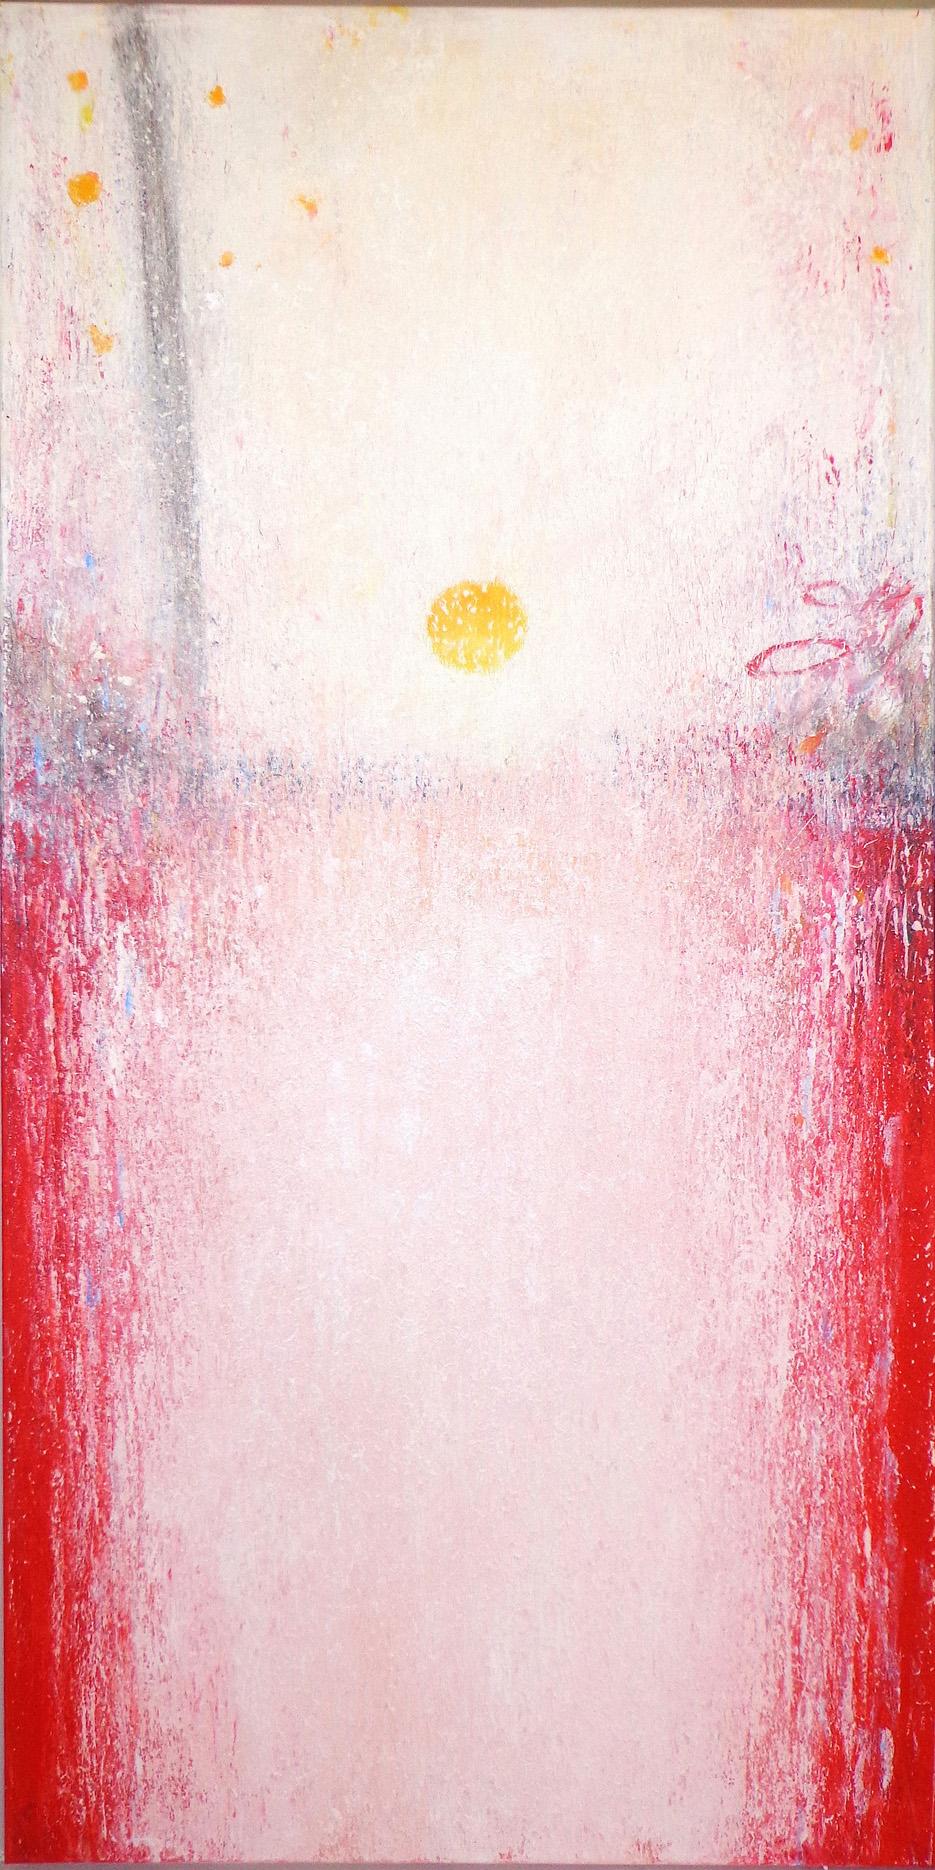 Toplev, Peaceful Sunlight